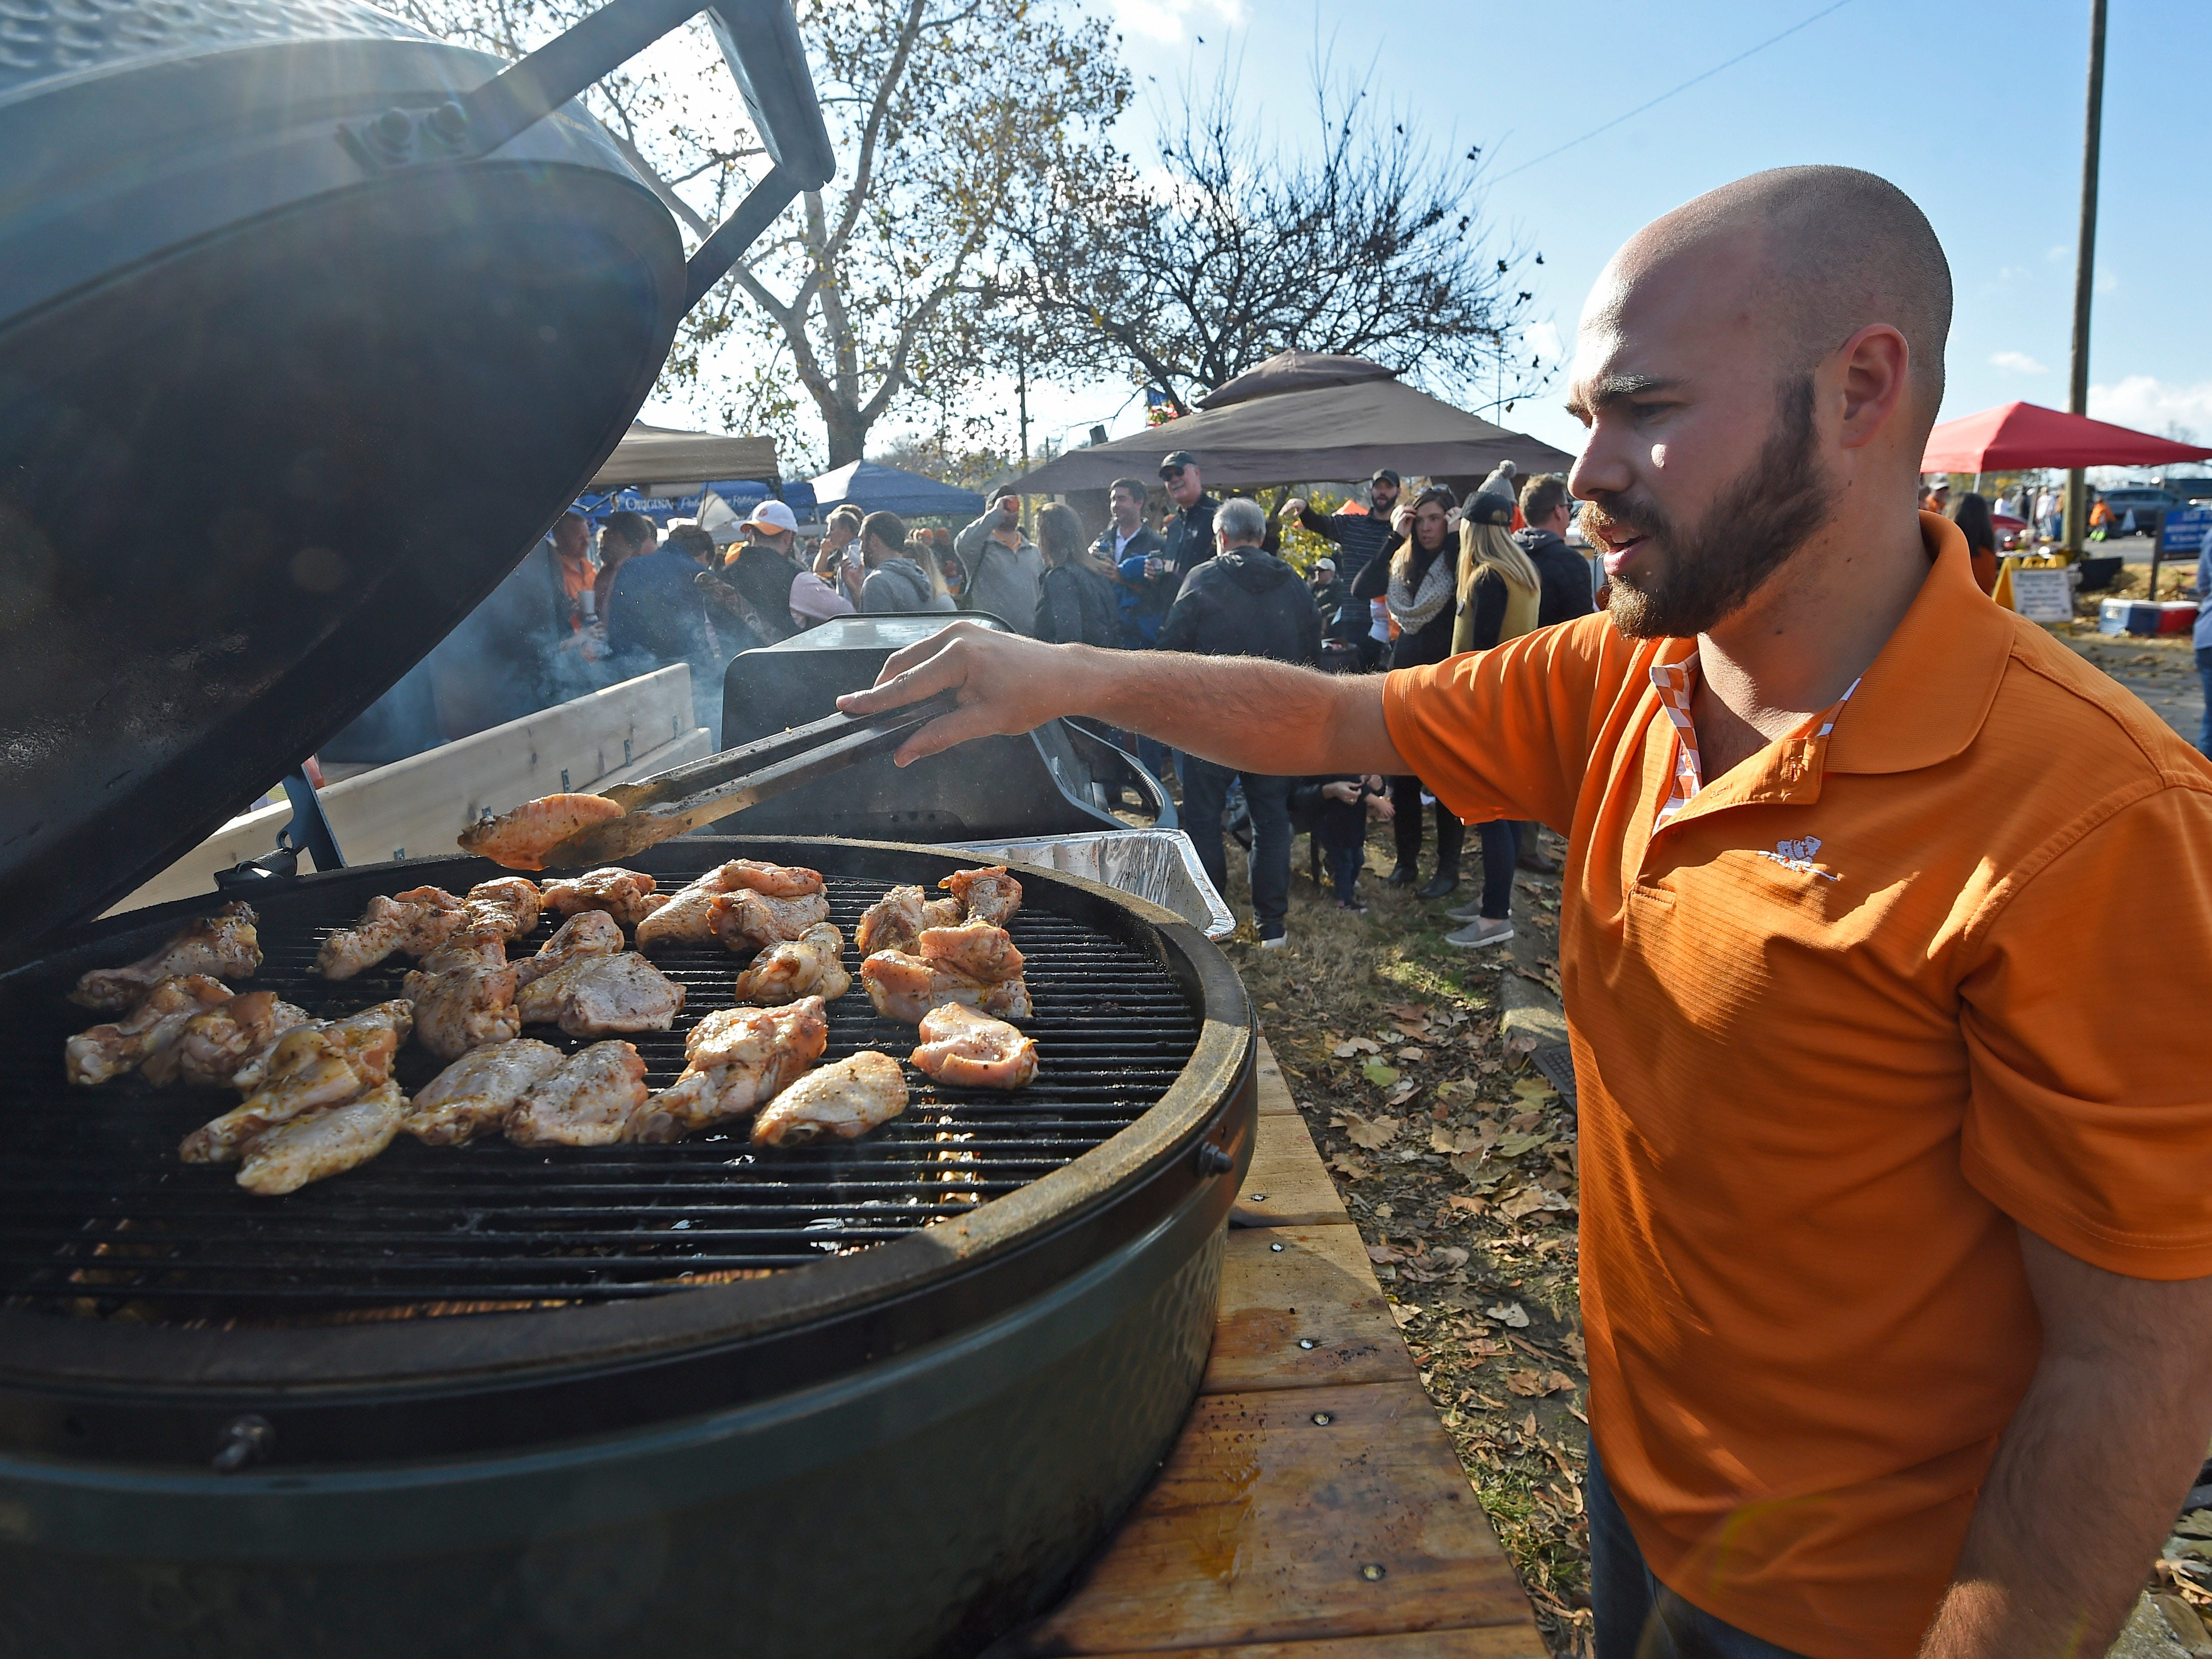 Vols fan Chris Walsh of Nashville grills before the game at Vanderbilt Stadium Saturday, Nov. 24, 2018, in Nashville, Tenn.